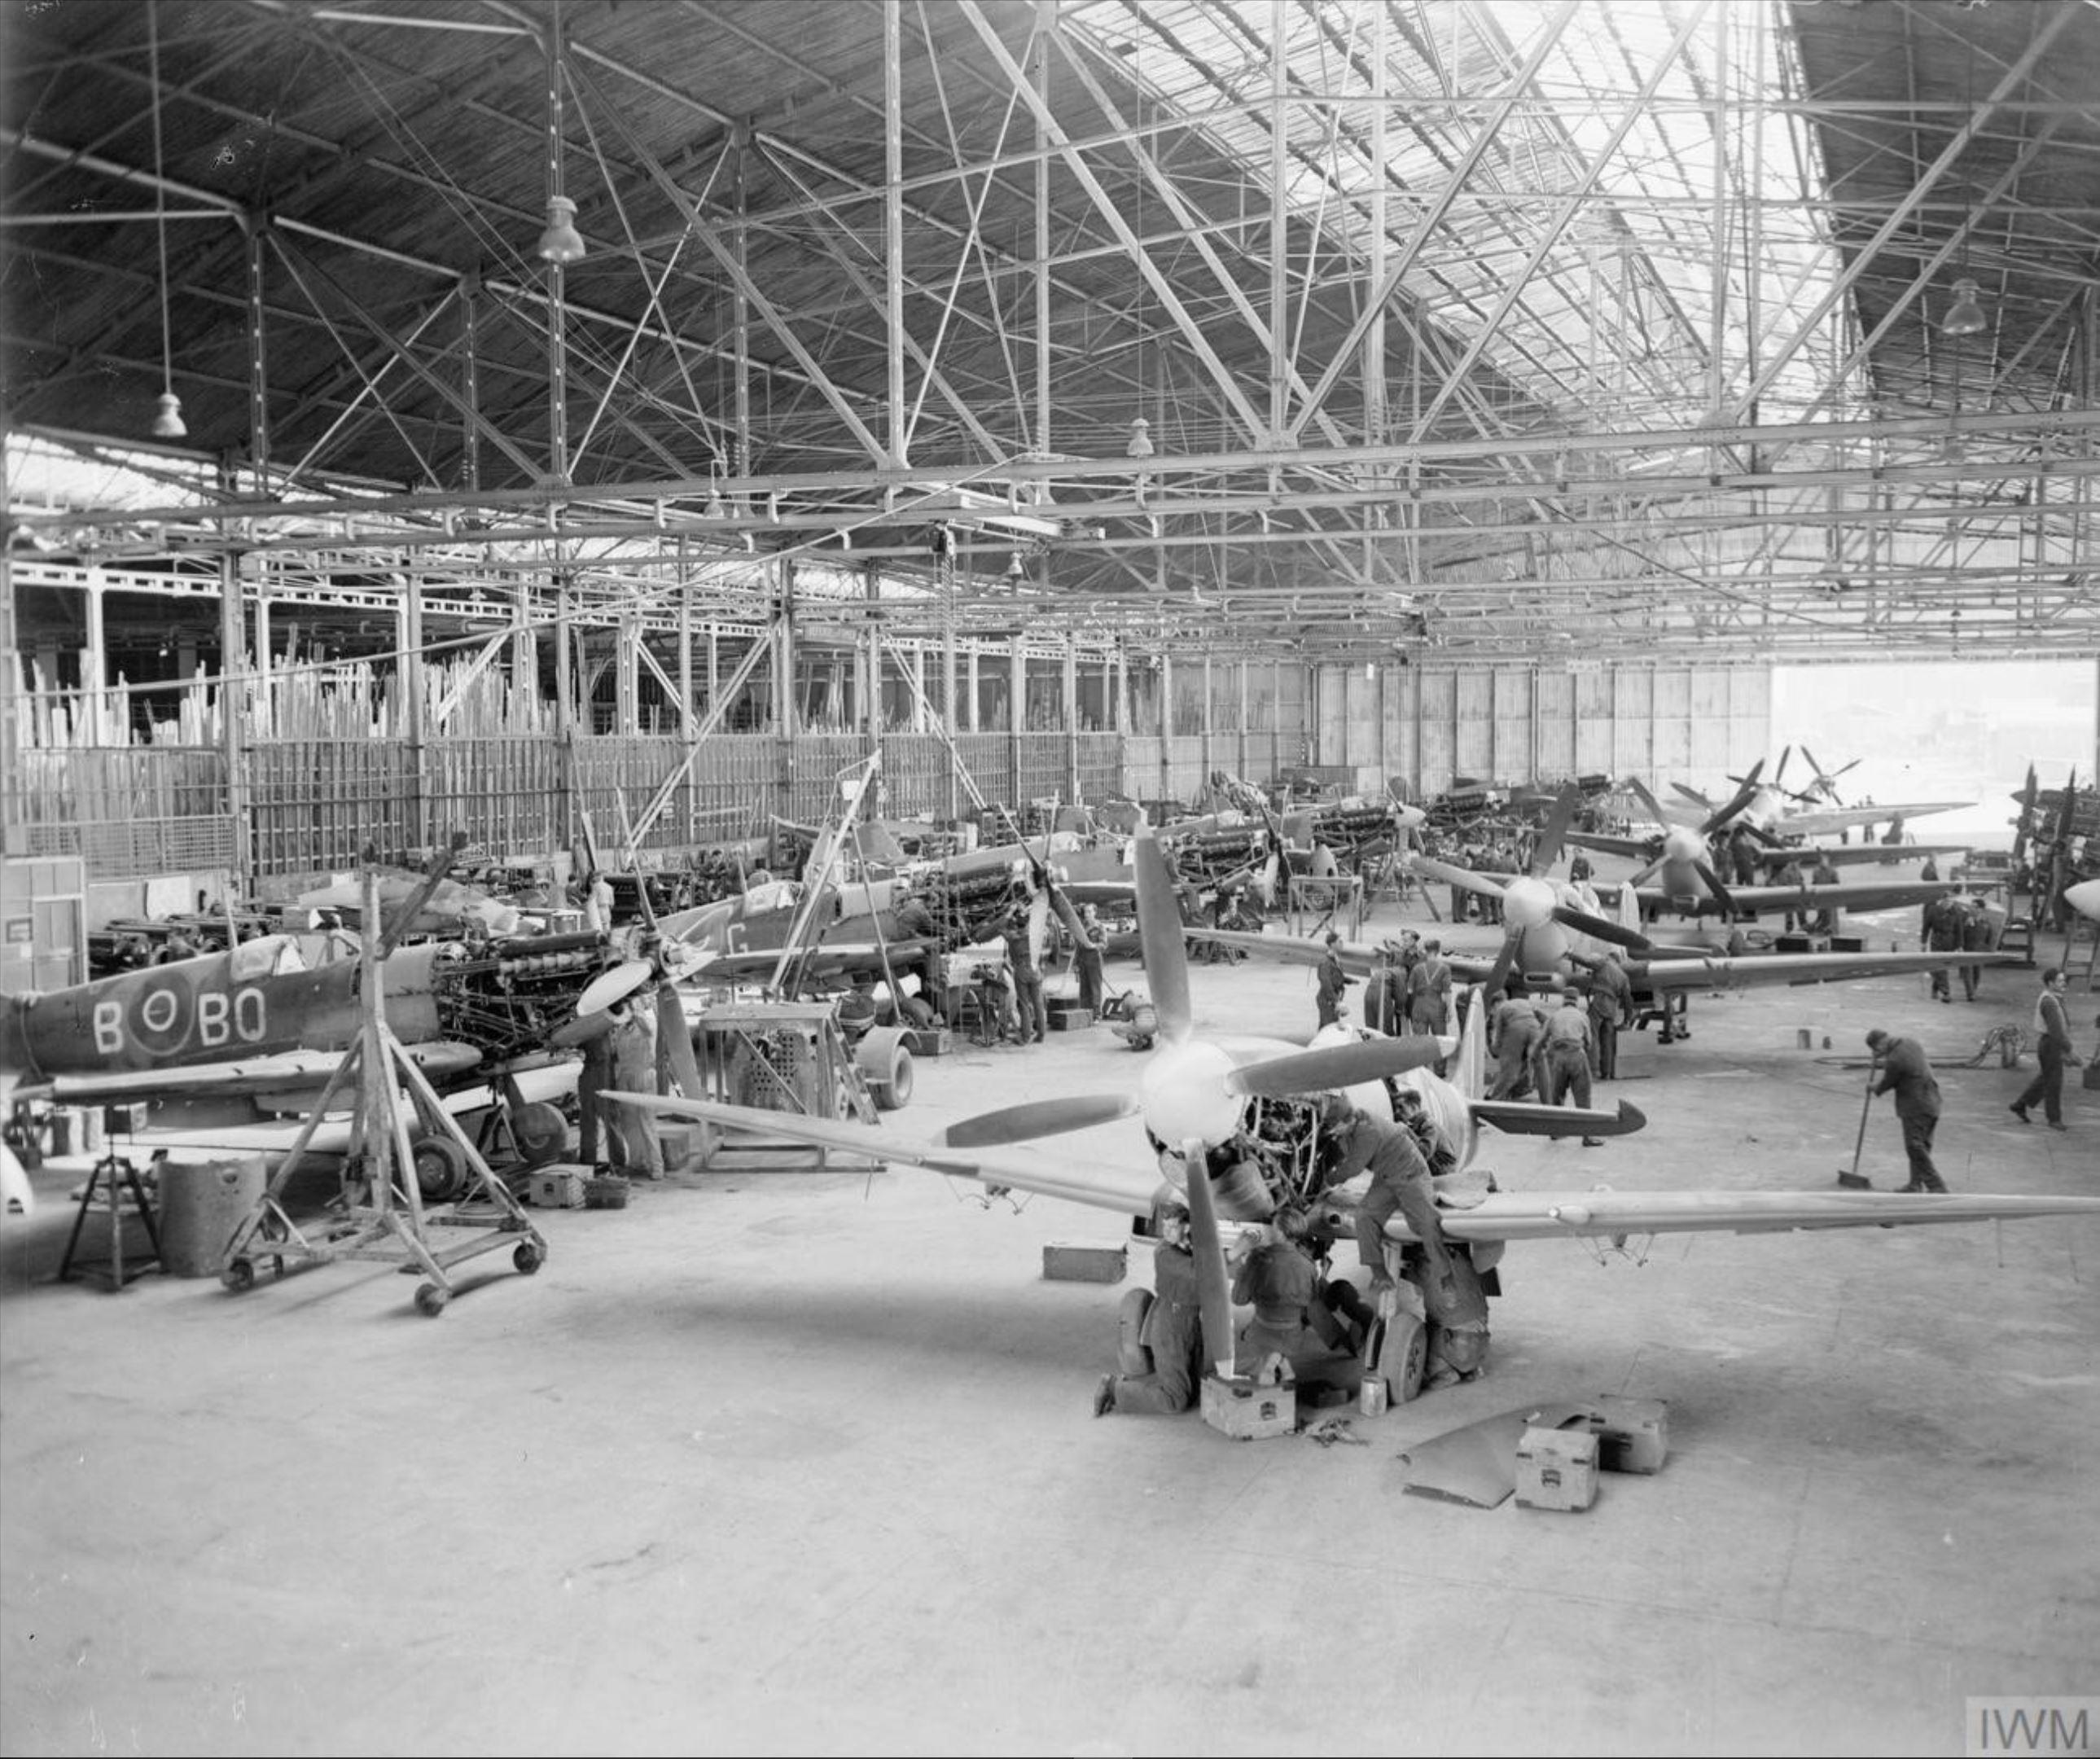 Spitfires at RAF 156 Maintenance Unit Blida Algeria 1944 IWM CNA3305